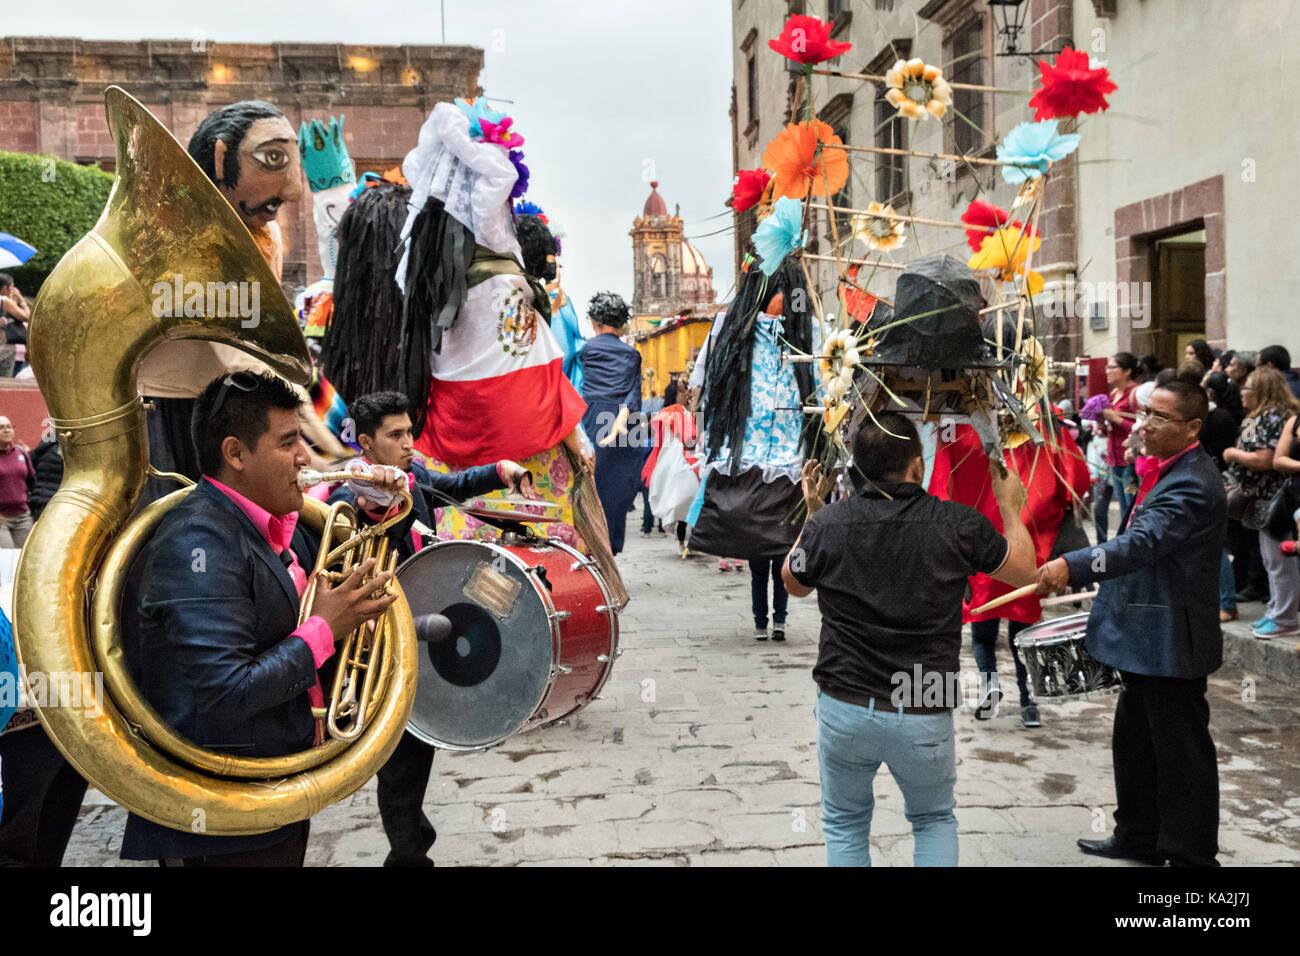 Eine marching band folgt eine Parade der Riesen papier - mache Marionetten namens mojigangas in einer Prozession Stockfoto